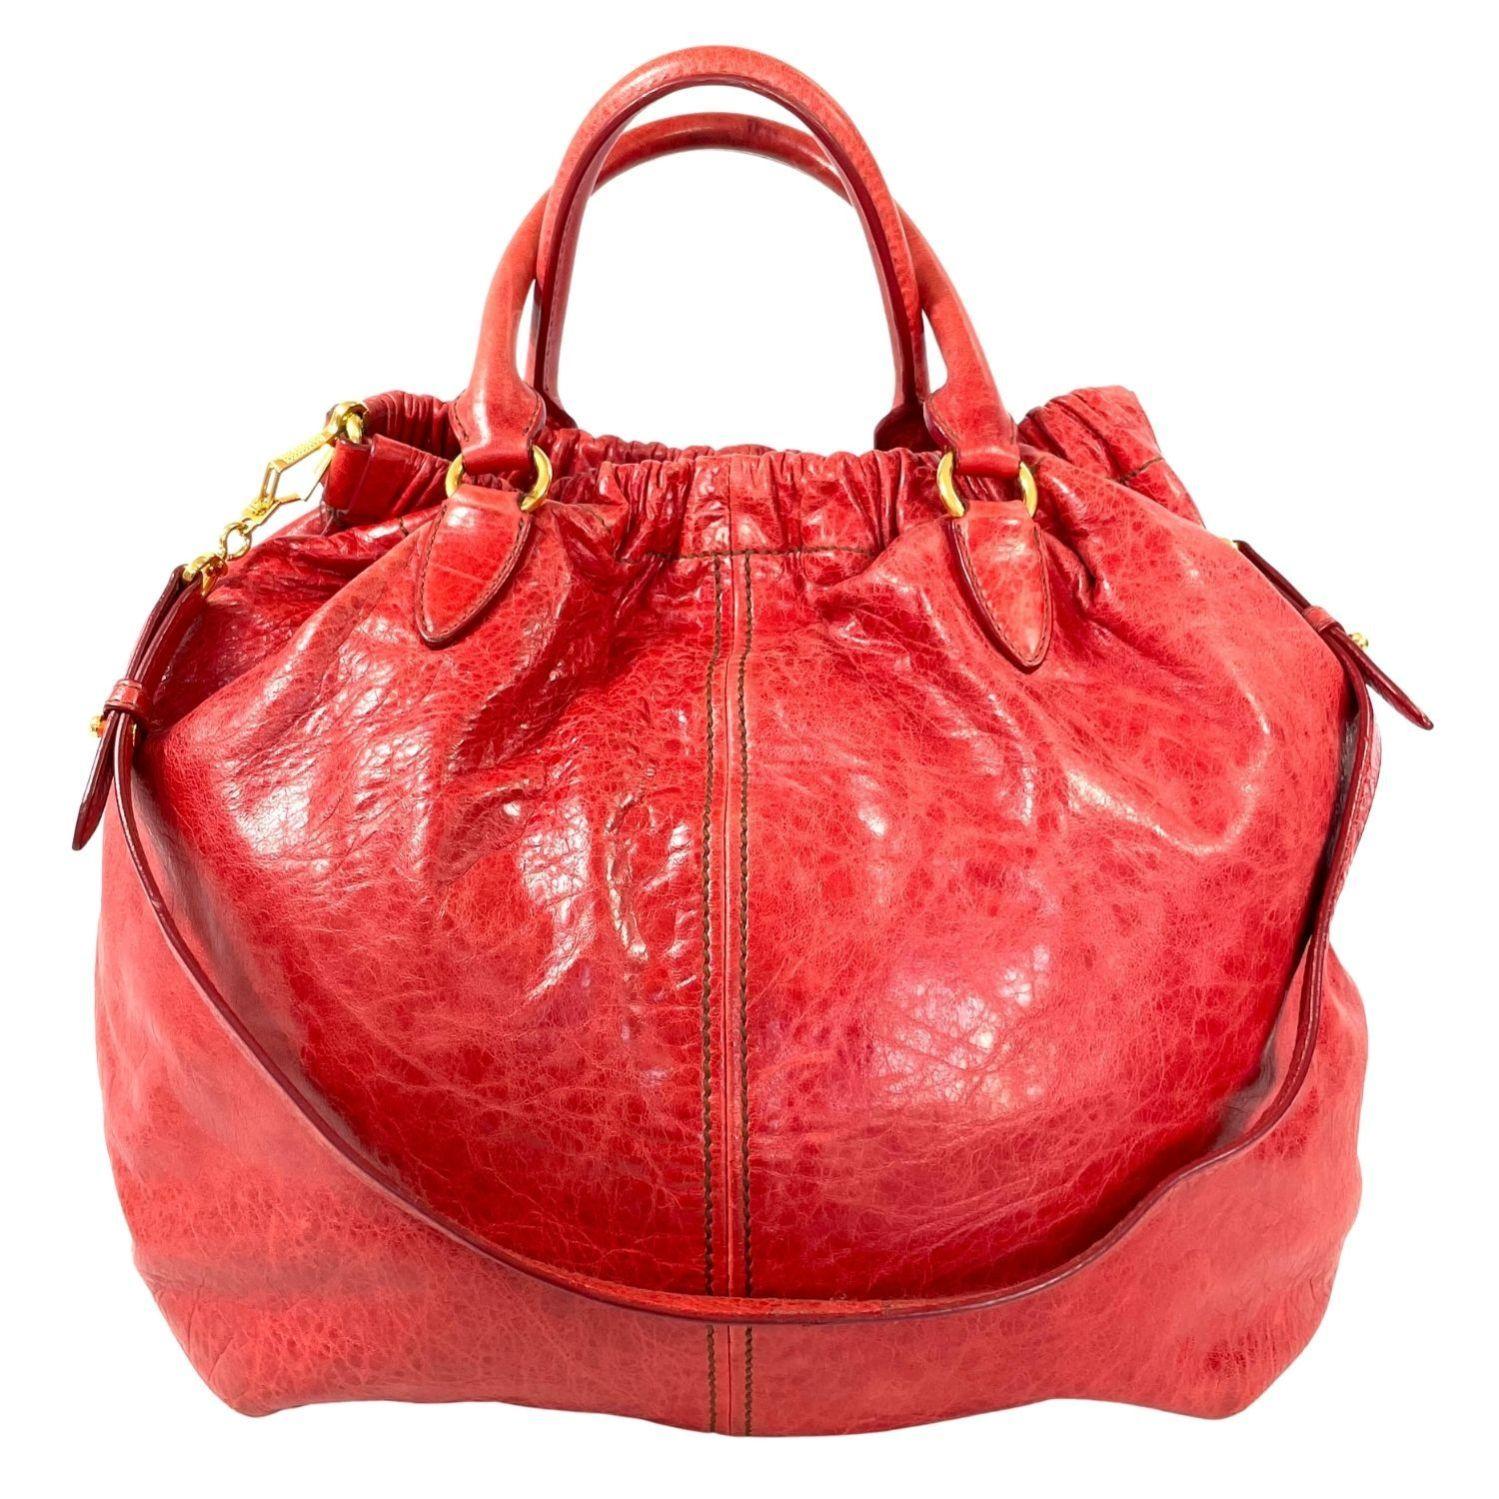 Bolsa Miu Miu Hobo Vermelha